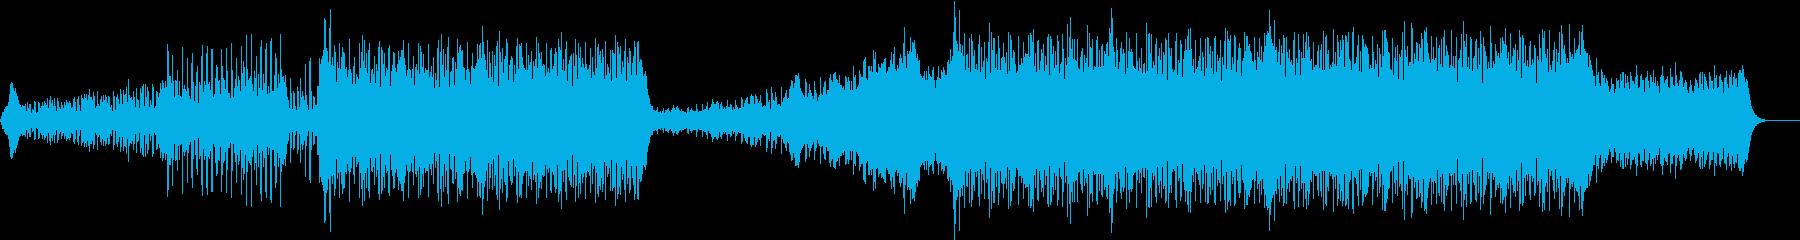 疾走感あふれる和風EDMの再生済みの波形